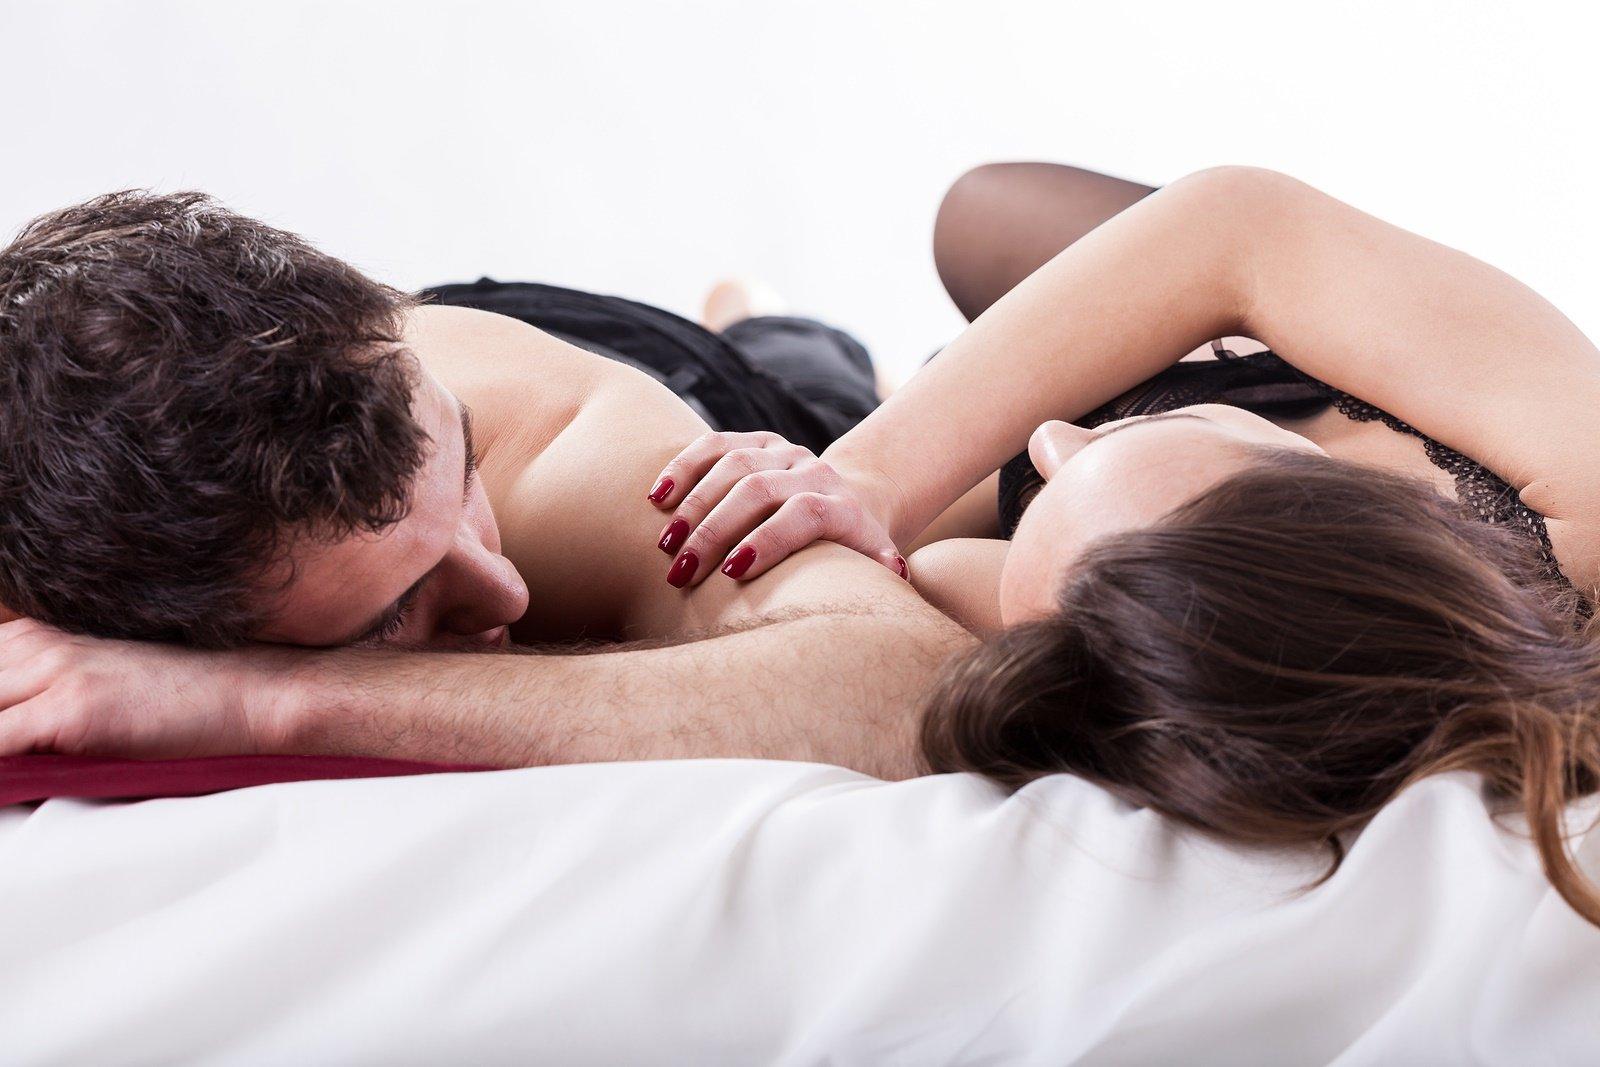 zsarolás milf szex fiatal fekete szőrös punci képek